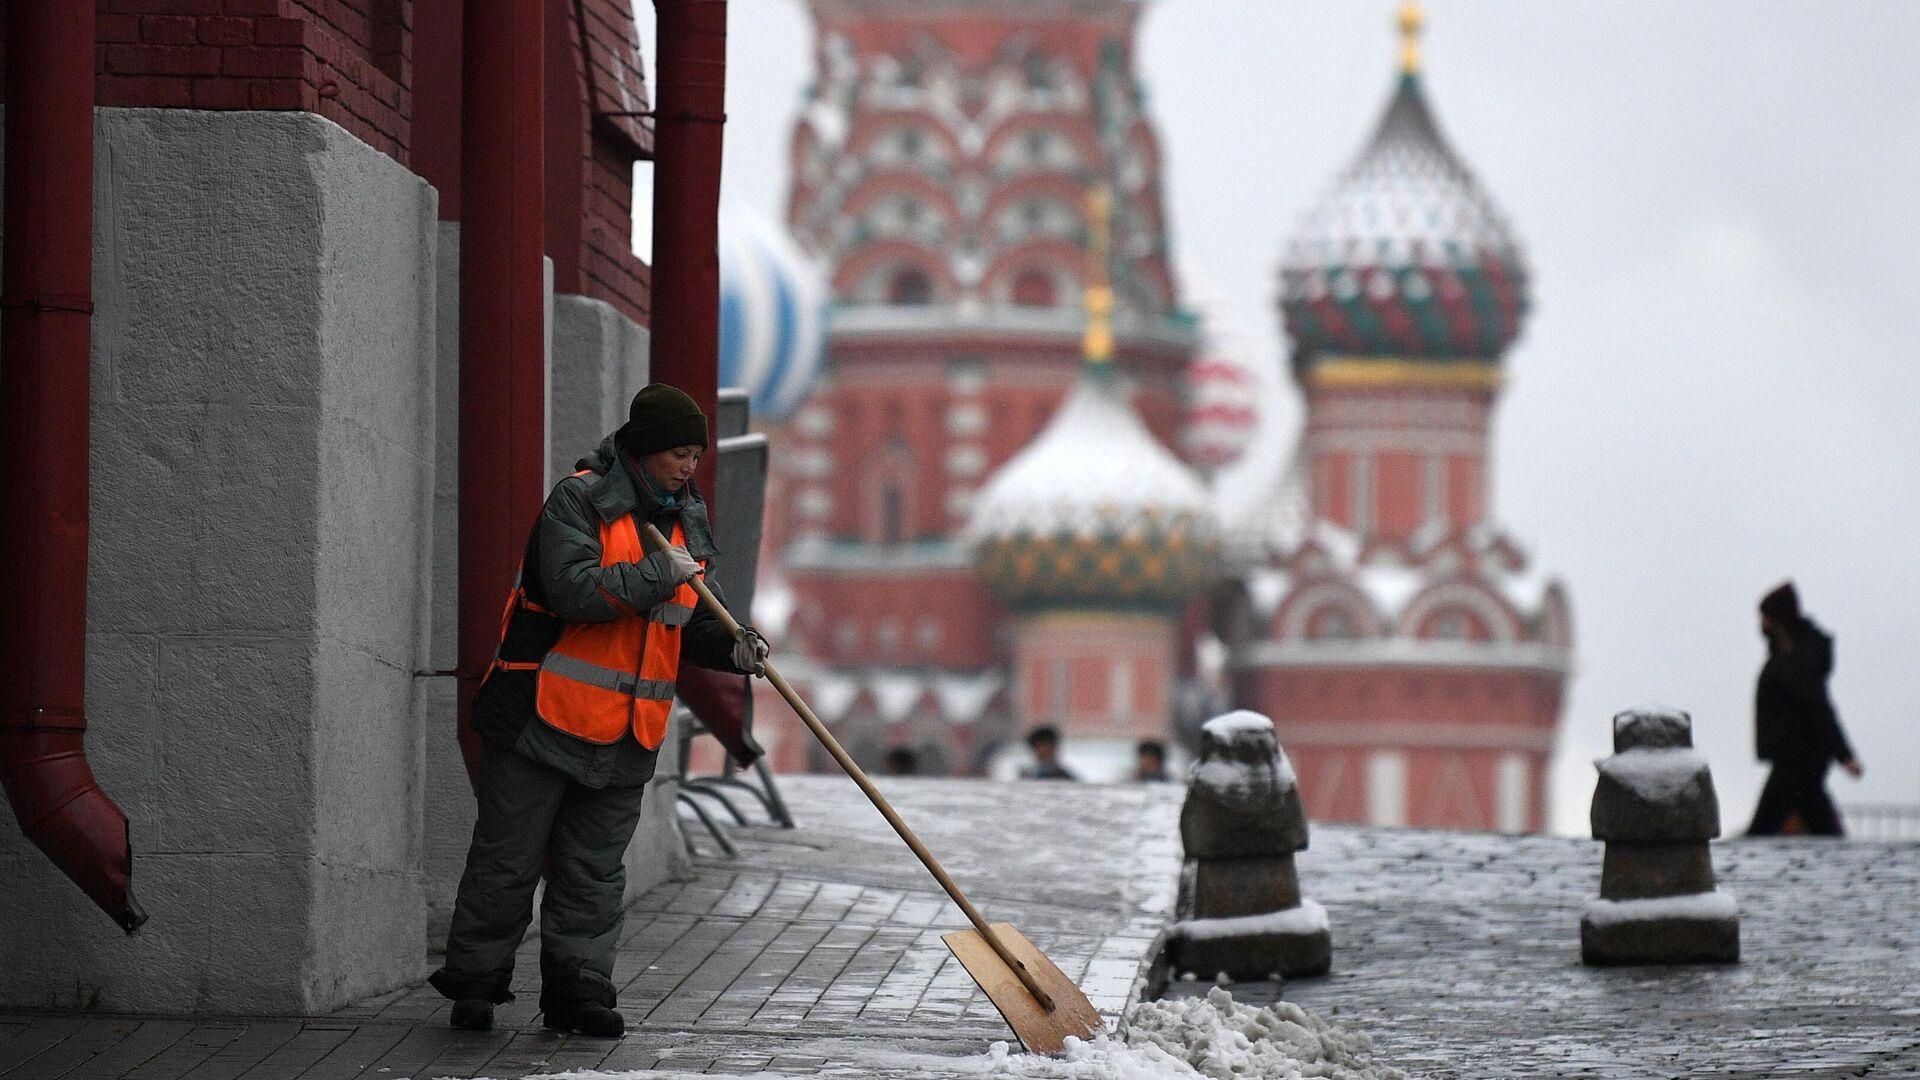 Сотрудник коммунальных служб во время уборки снега в Москве - РИА Новости, 1920, 29.11.2020